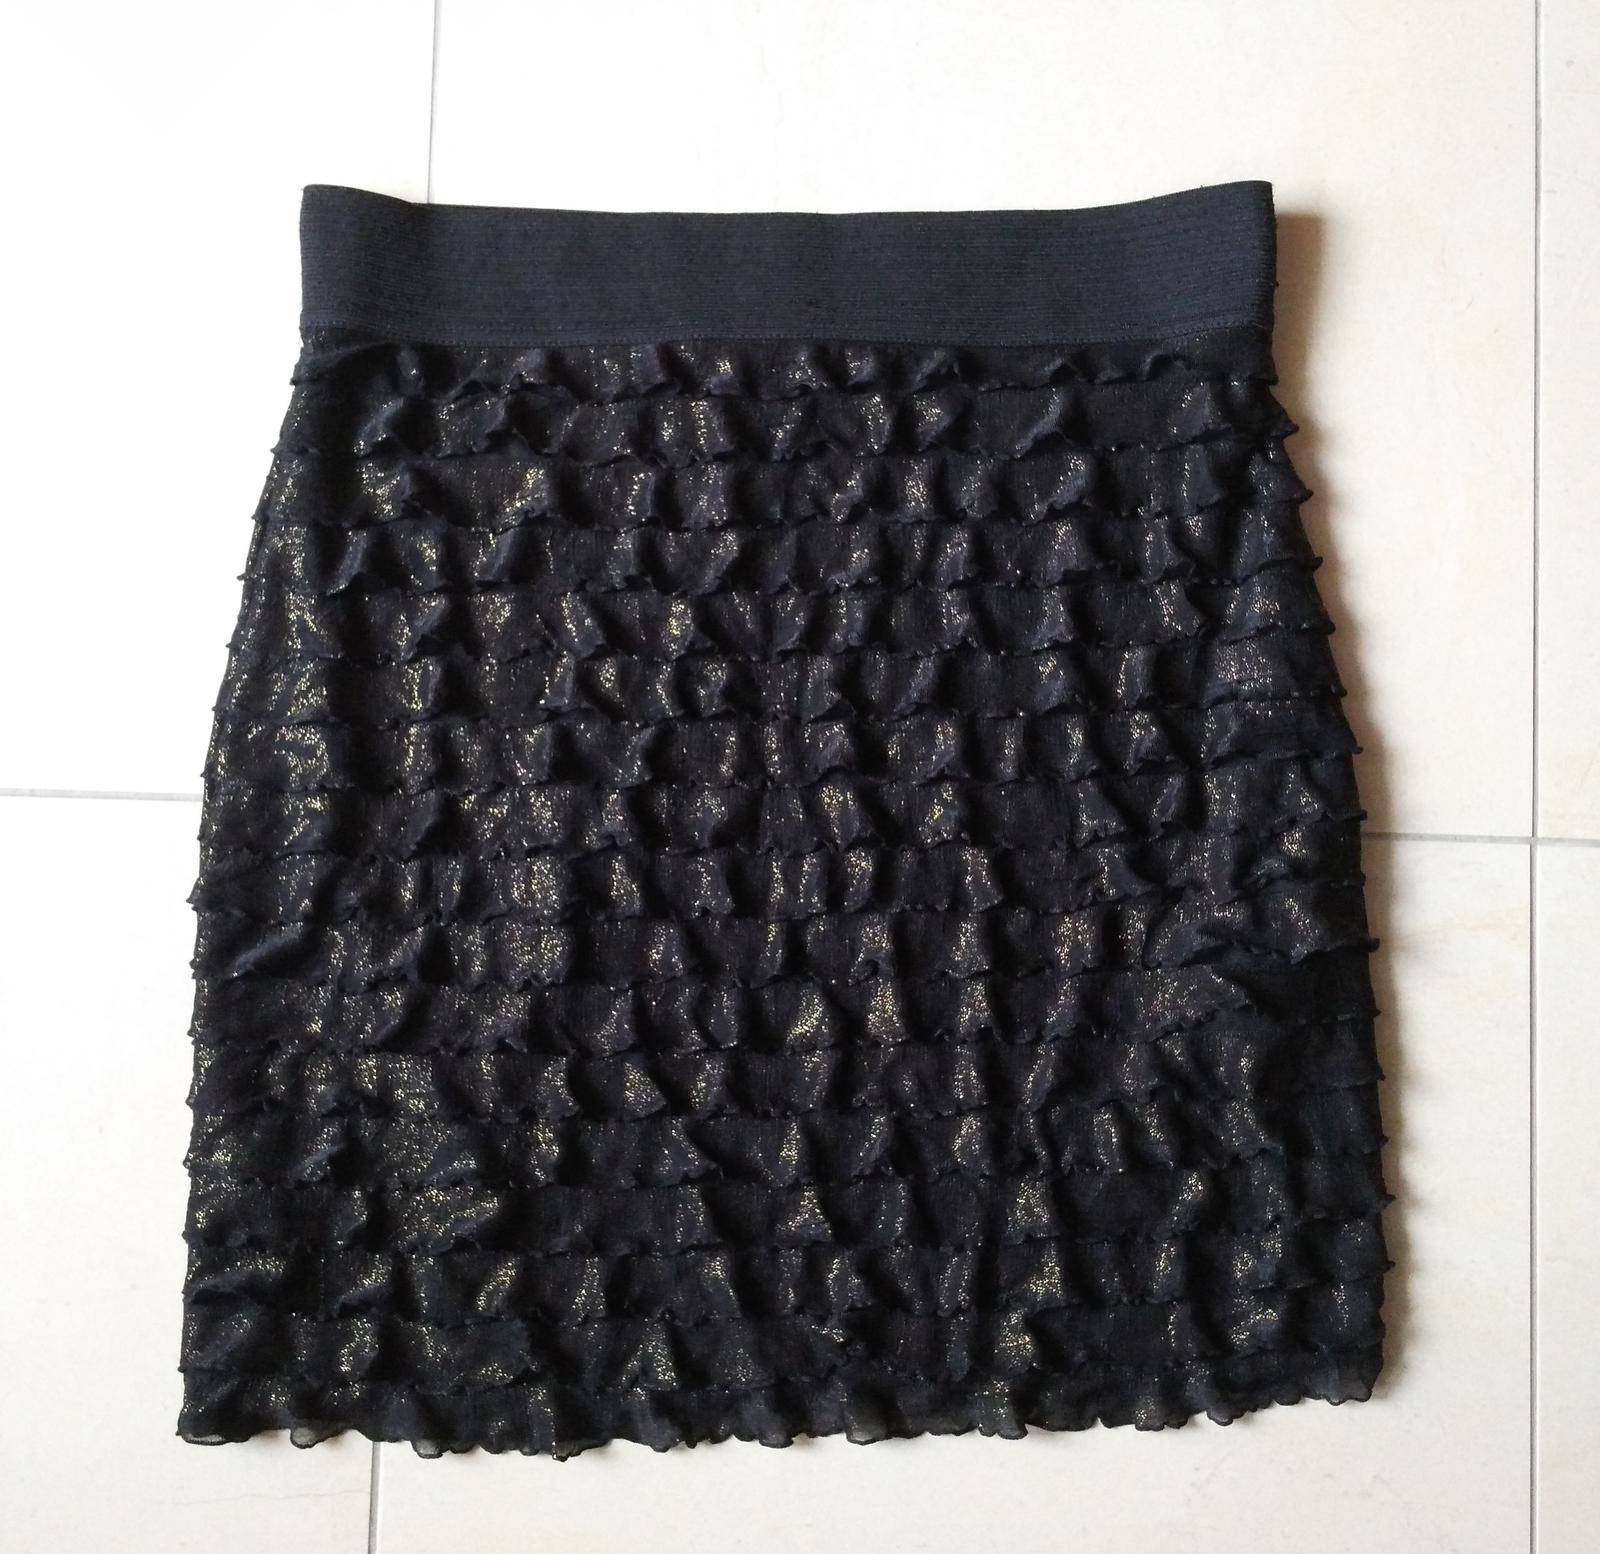 Čierno-zlatá sukňa s volánikmi 38/M - Obrázok č. 1